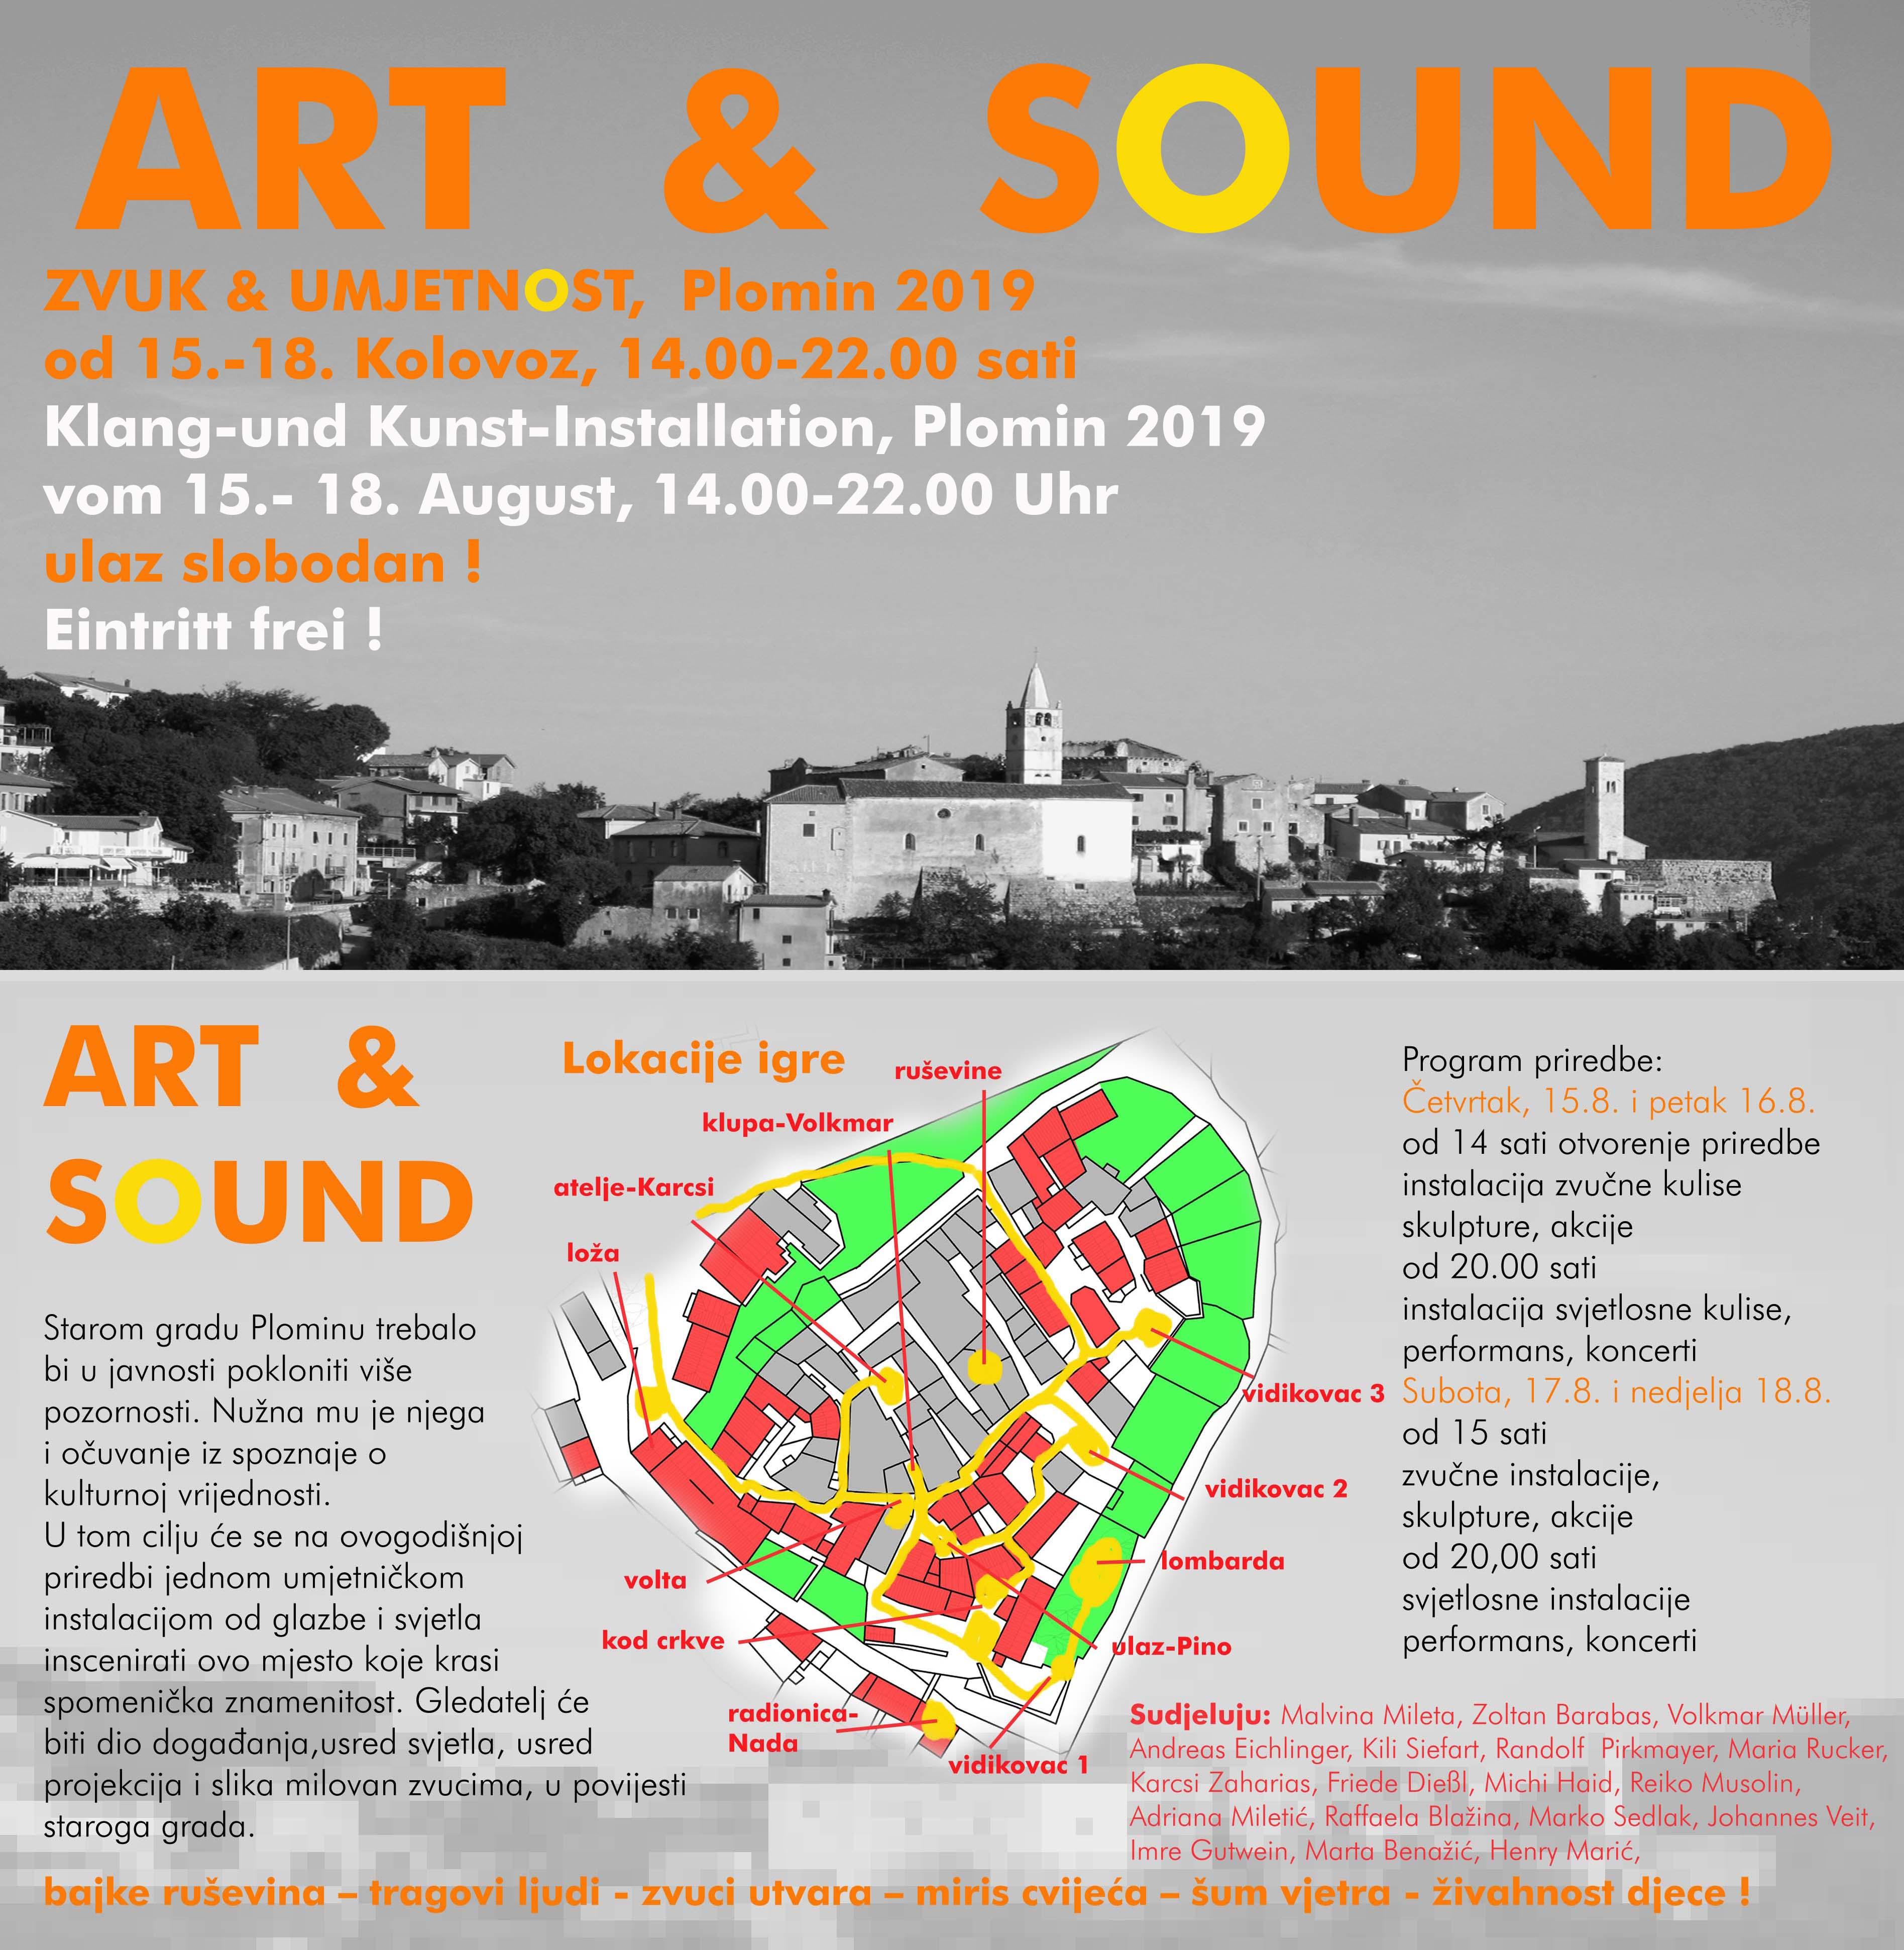 Manifestacija Art & Sound